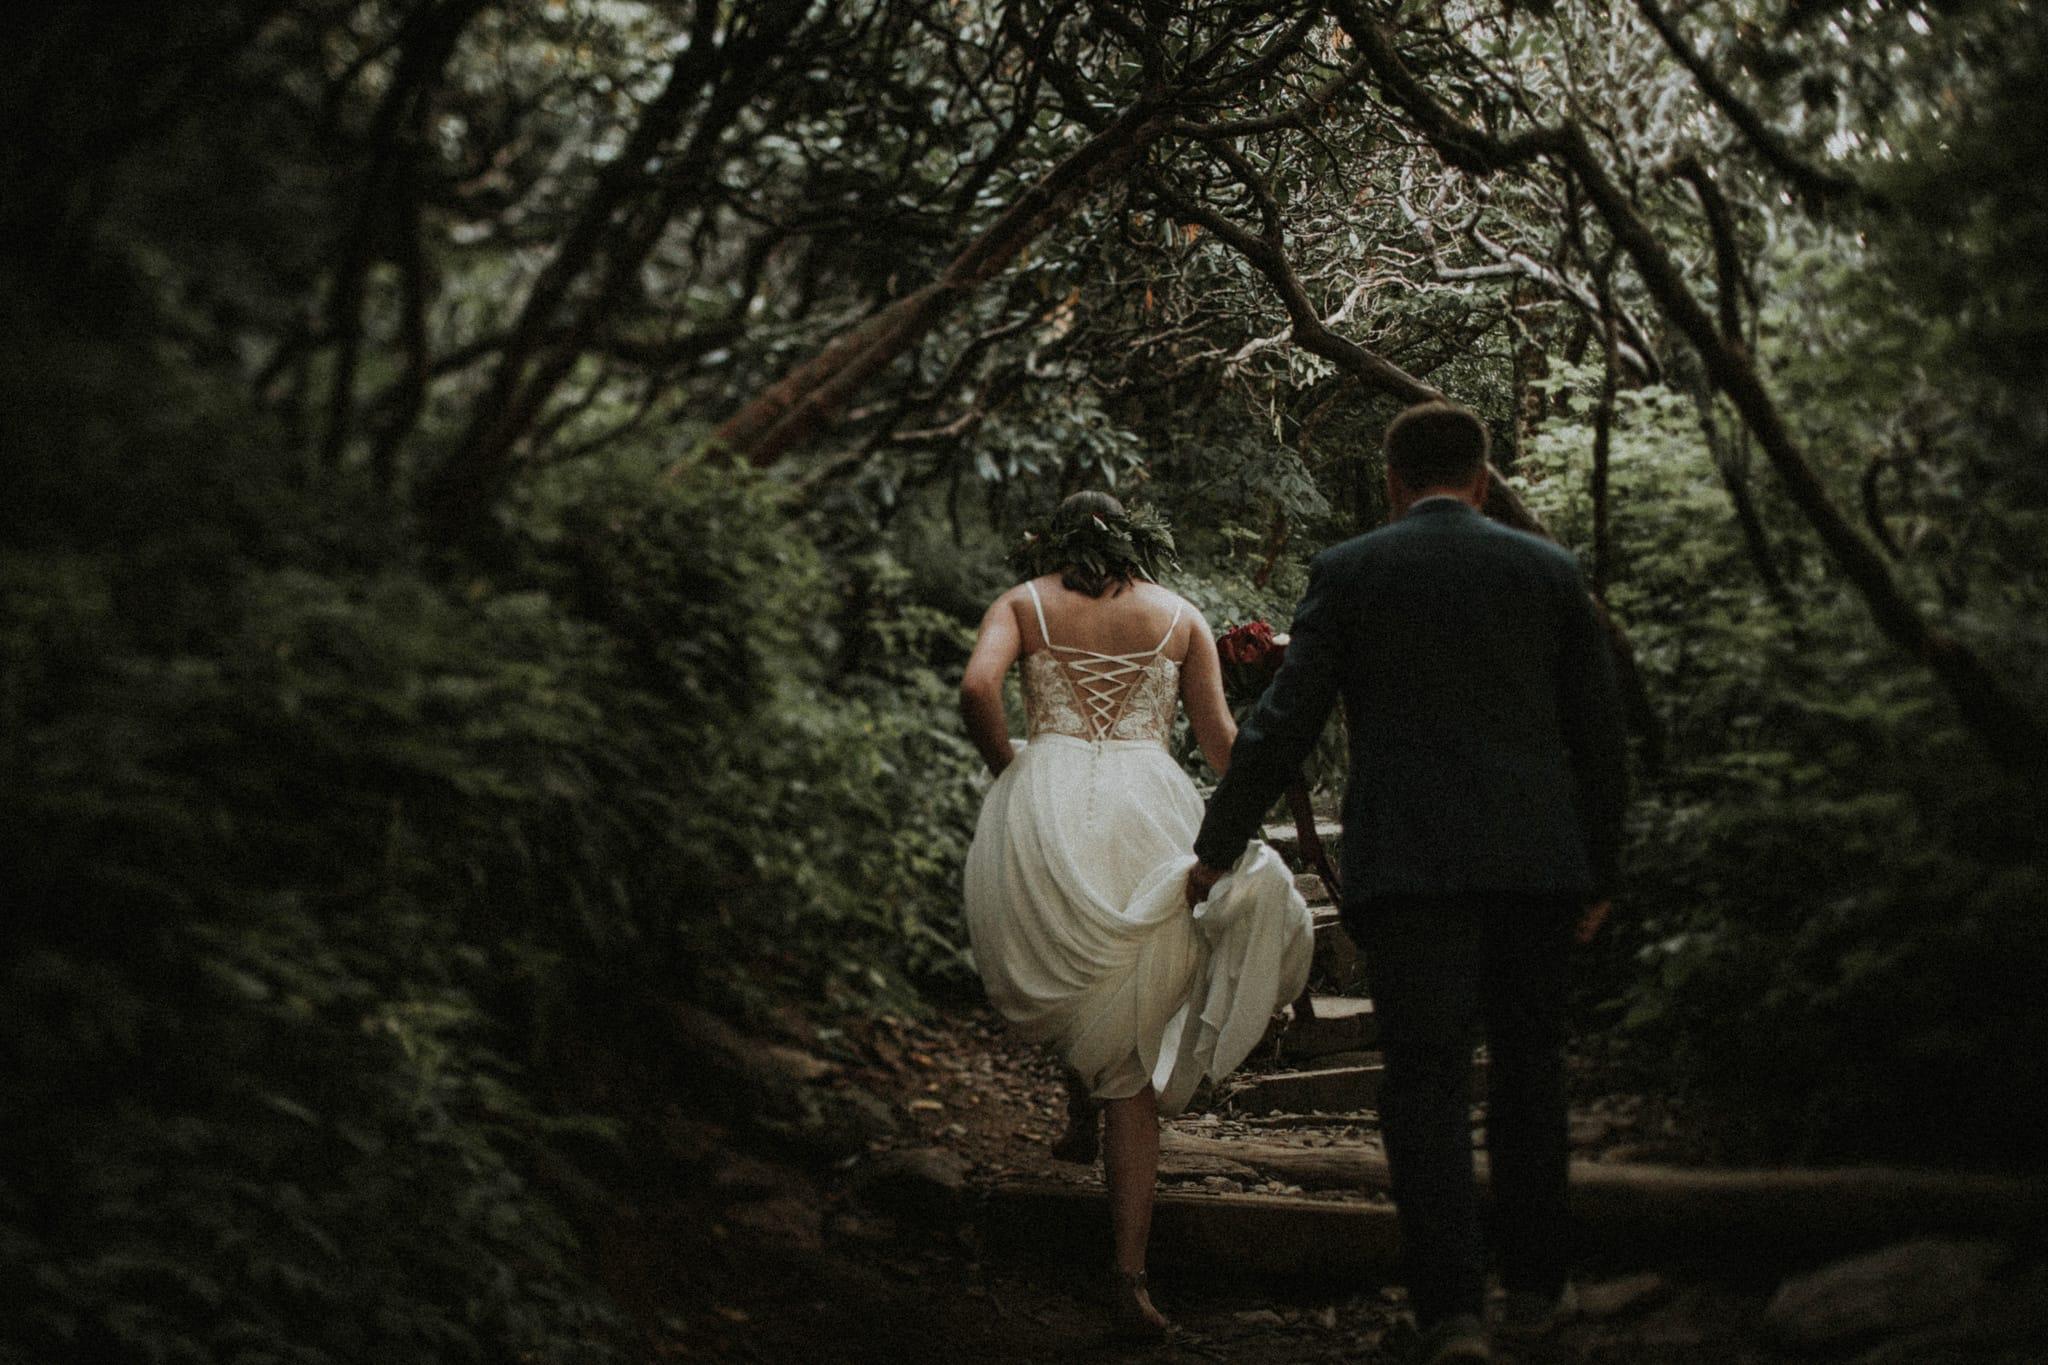 Craggy-Gardens-Elopement-asheville-nc.jpg